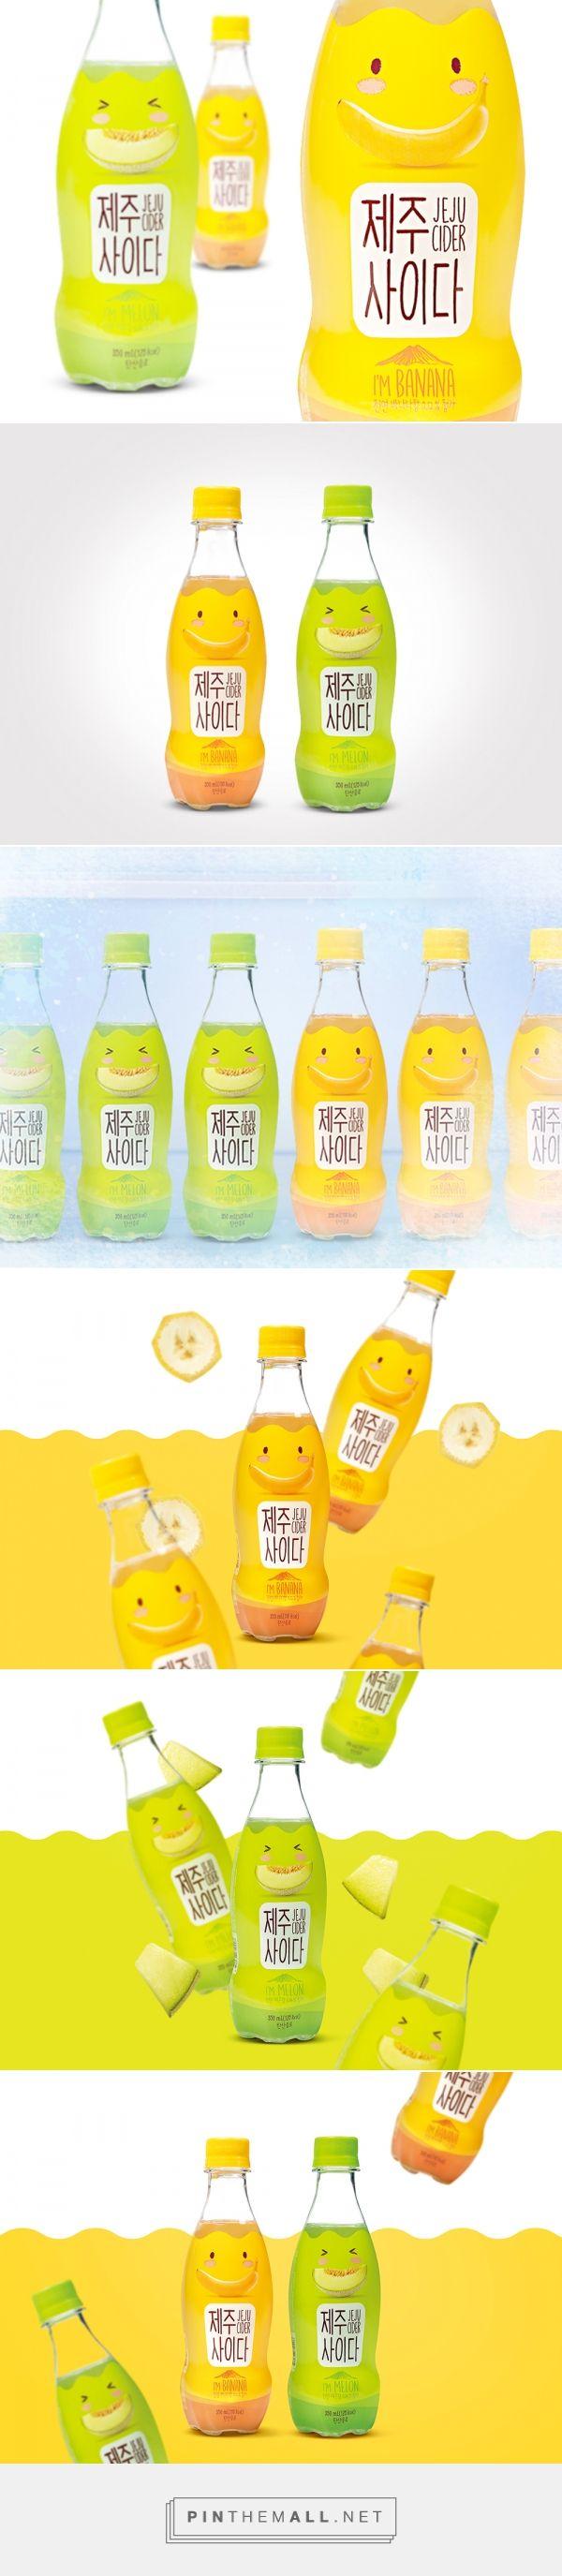 Jeju Cider packaging design by B for Brand - http://www.packagingoftheworld.com/2017/06/jeju-cider.html